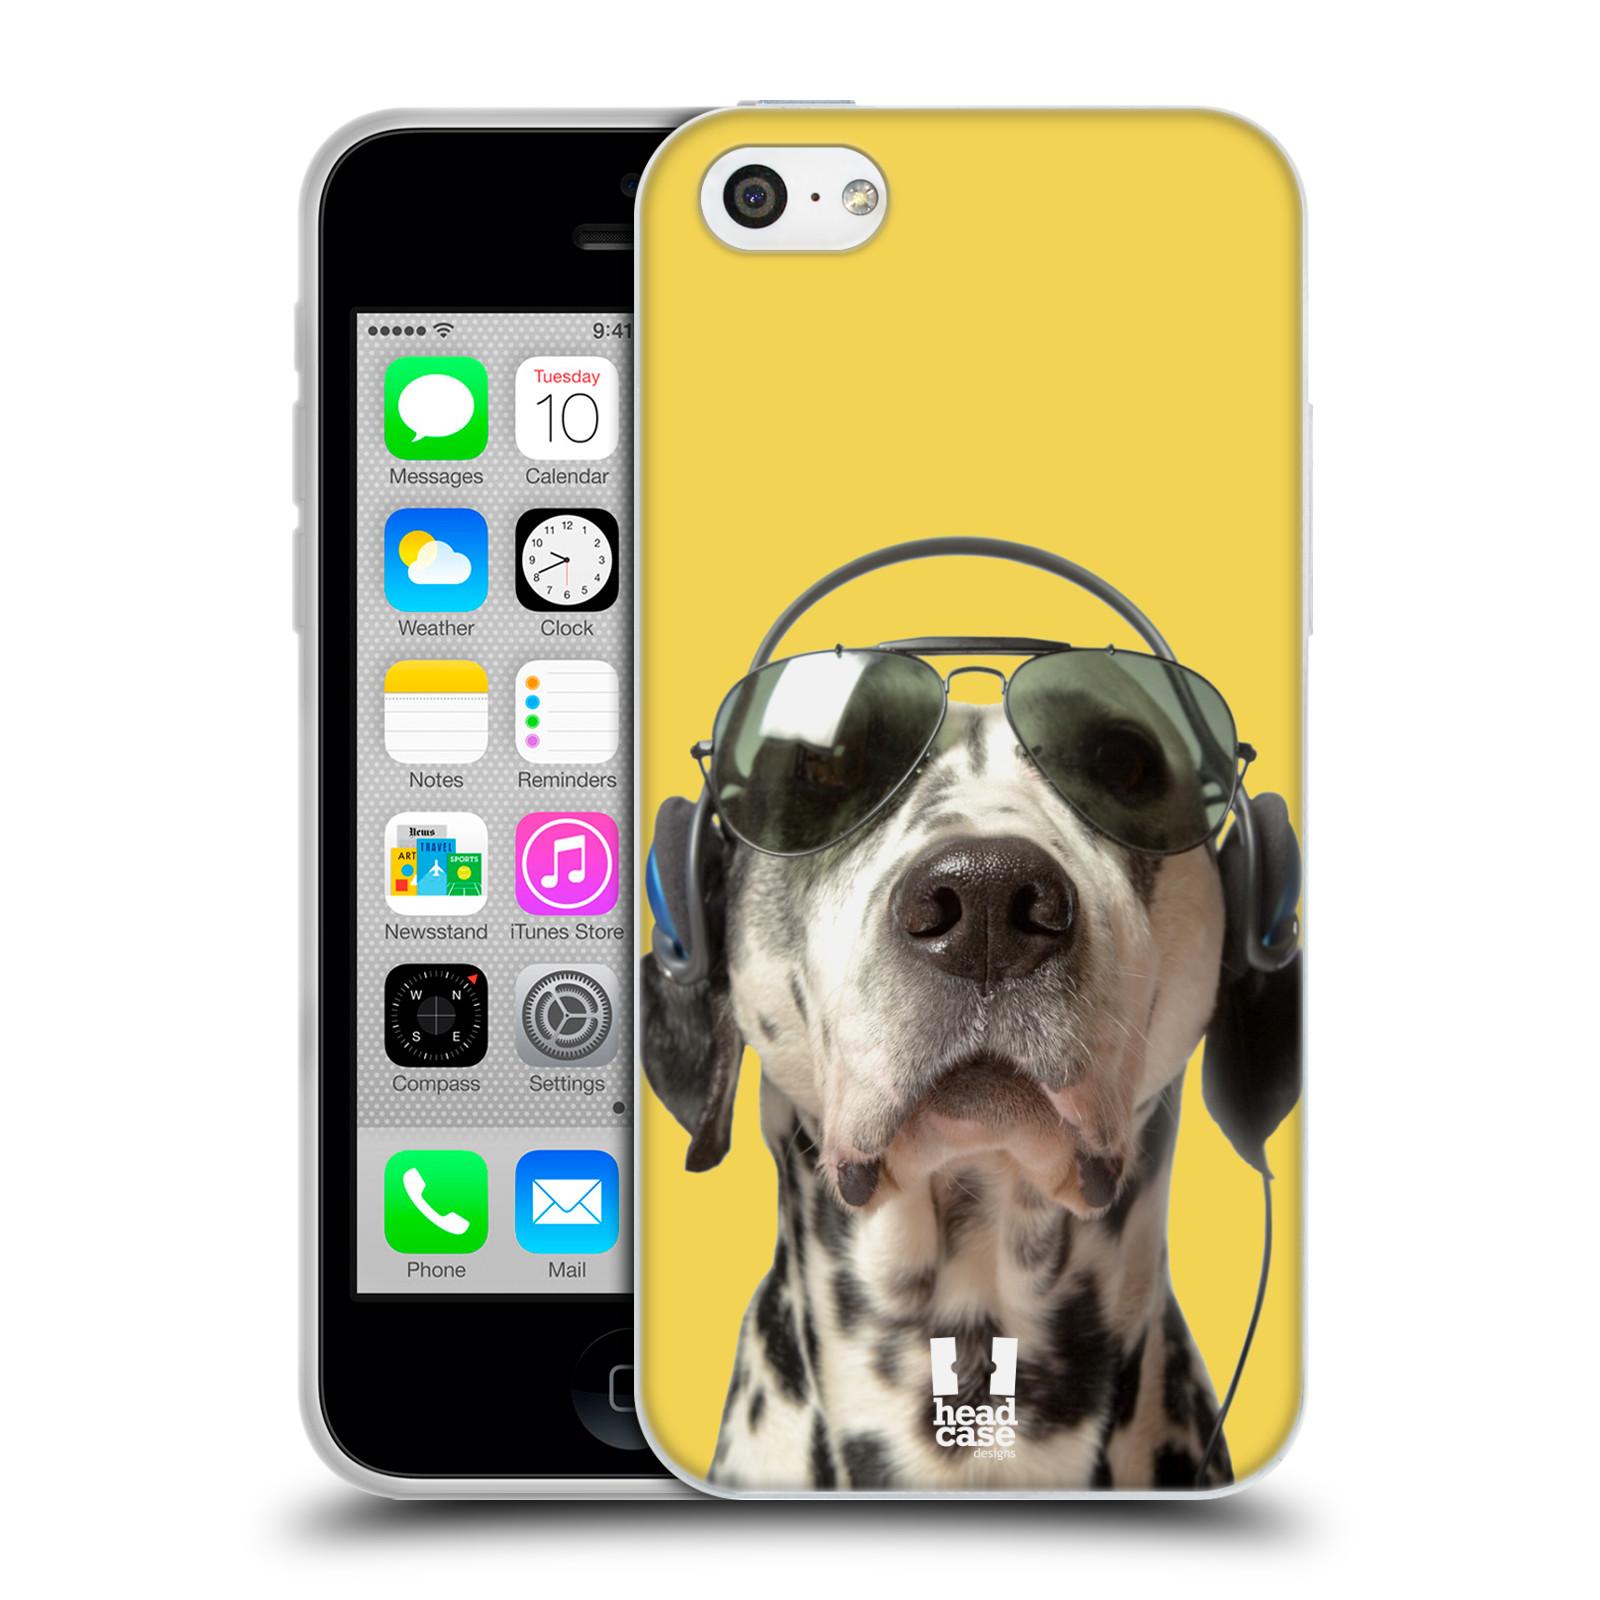 HEAD CASE silikonový obal na mobil Apple Iphone 5C vzor Legrační zvířátka dalmatin se sluchátky žlutá